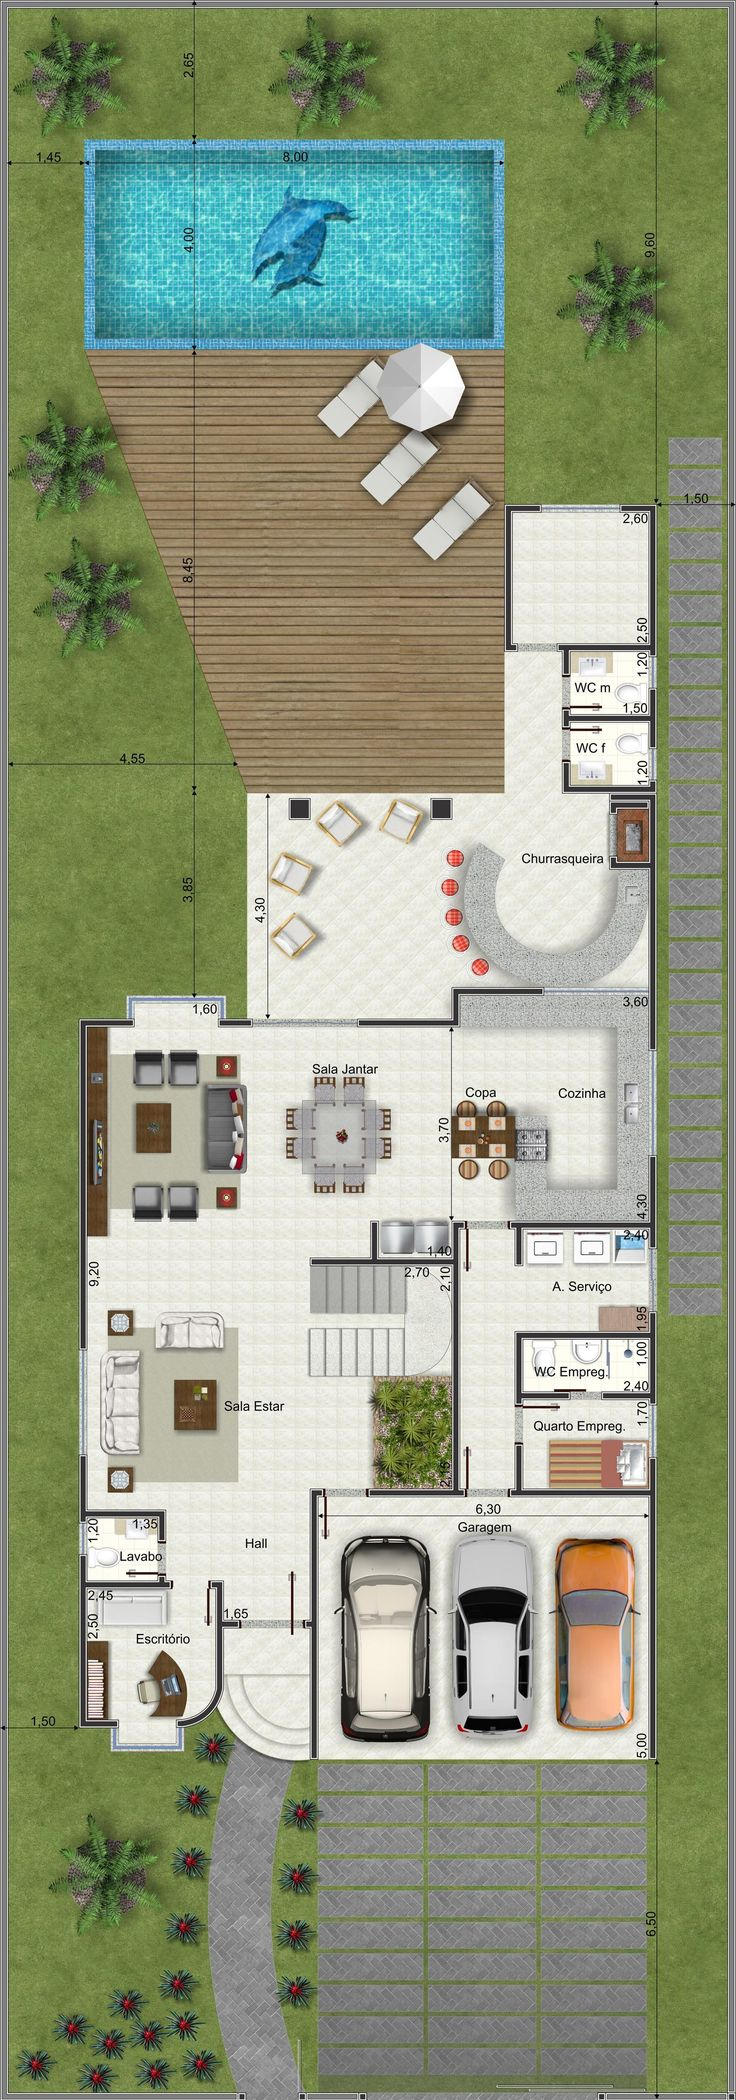 Planta de Sobrado - 4 Quartos - 326.61m² - Monte Sua Casa